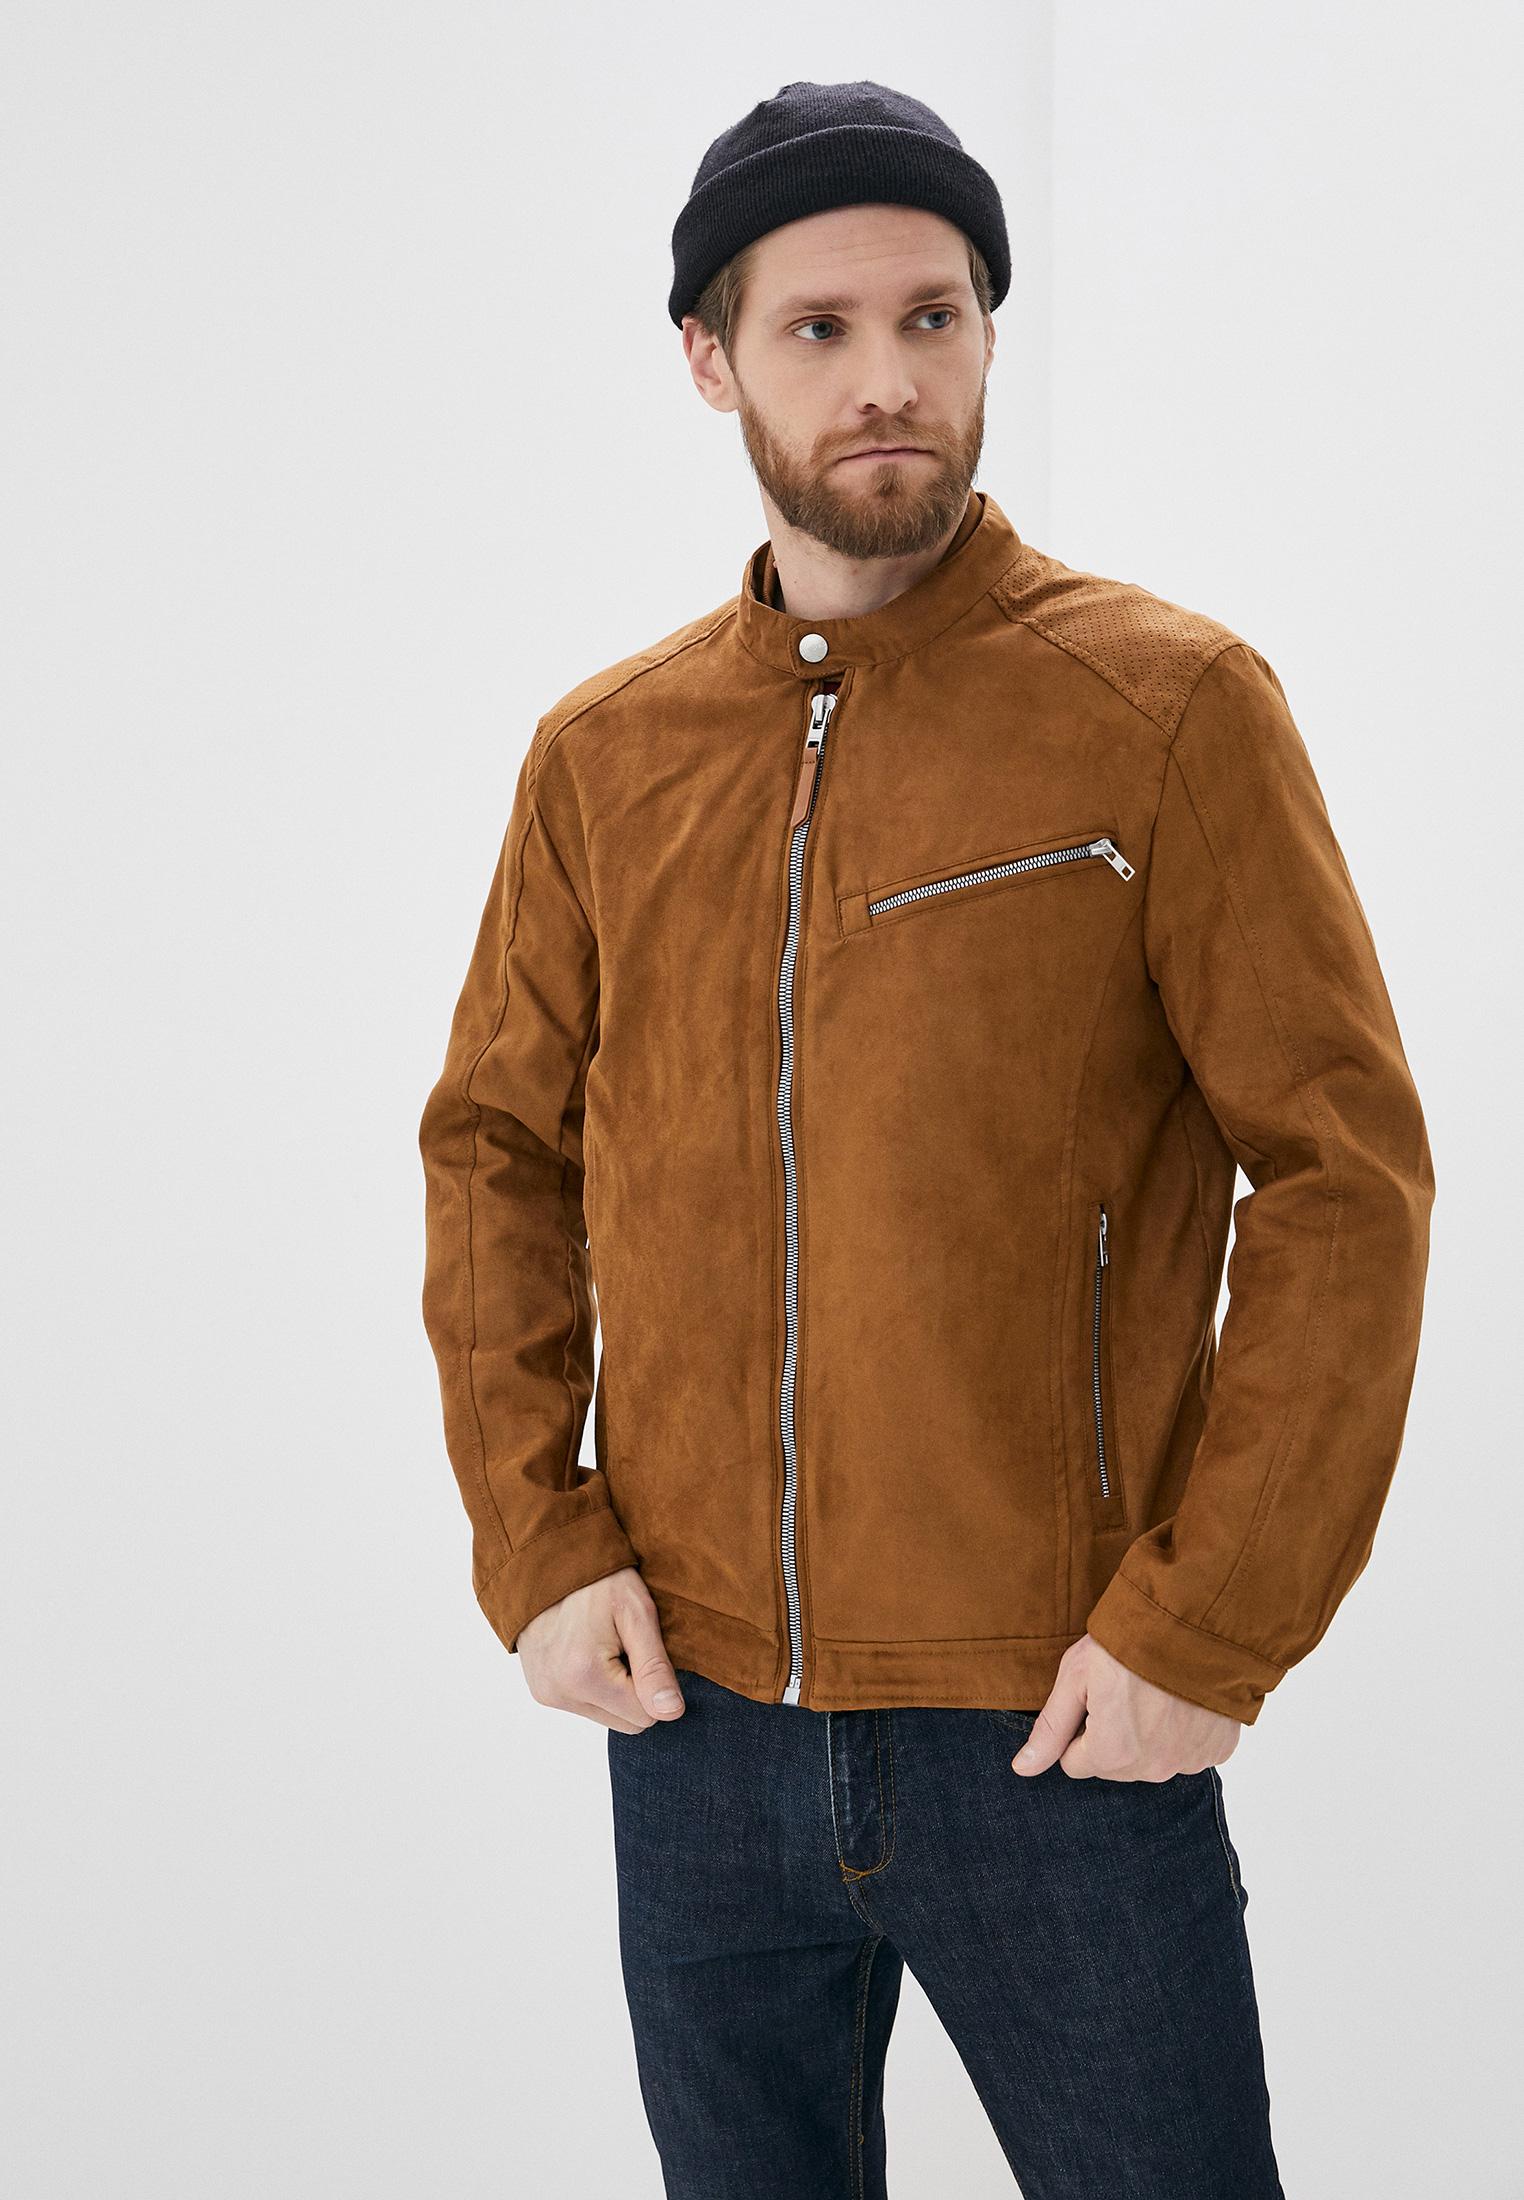 Куртка кожаная, Springfield, цвет: коричневый. Артикул: SP014EMHVGZ6. Одежда / Верхняя одежда / Кожаные куртки